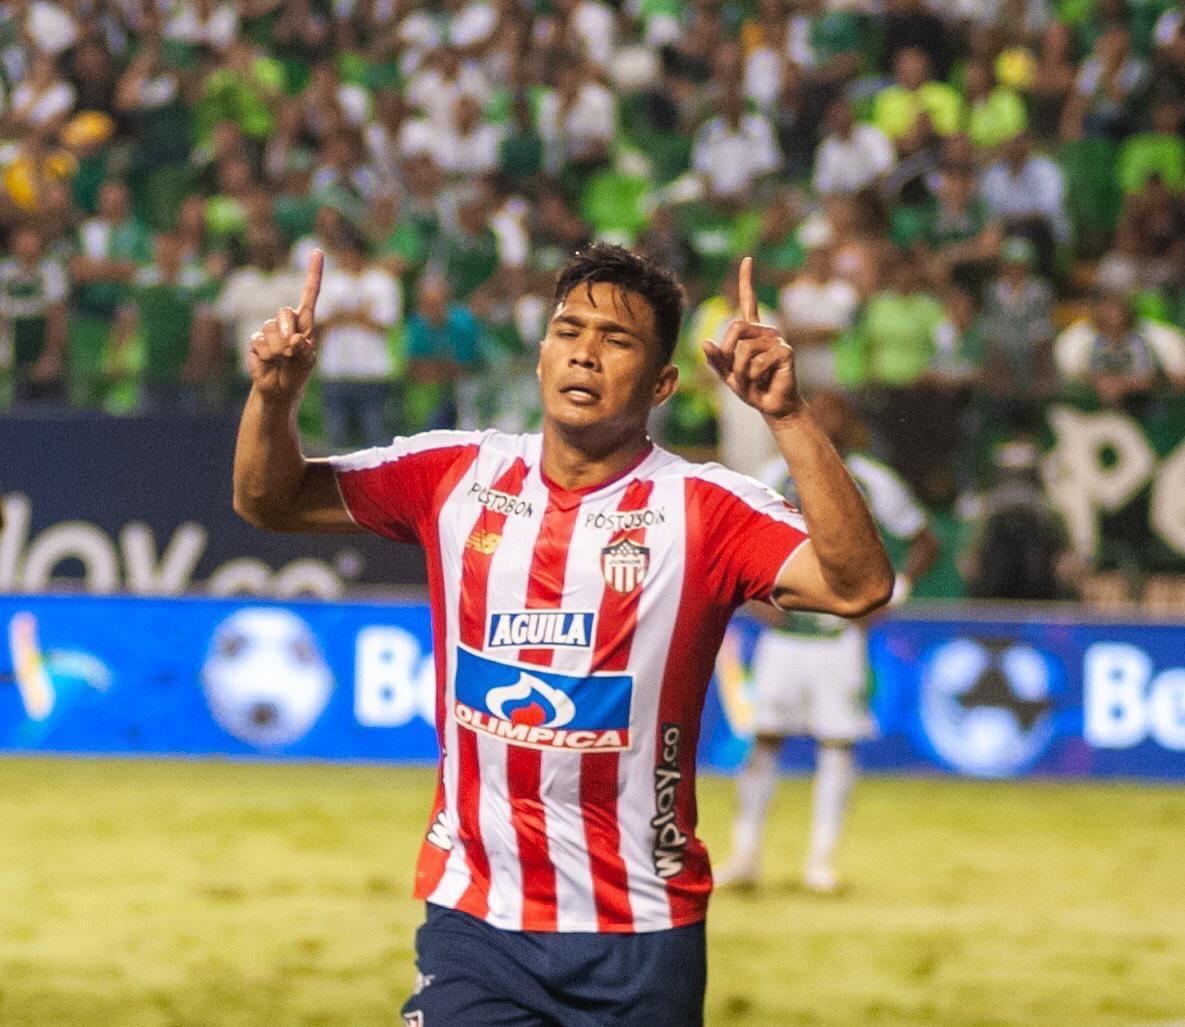 Coco Basile respondió a Teo Gutiérrez, quien lo había tachado de borracho